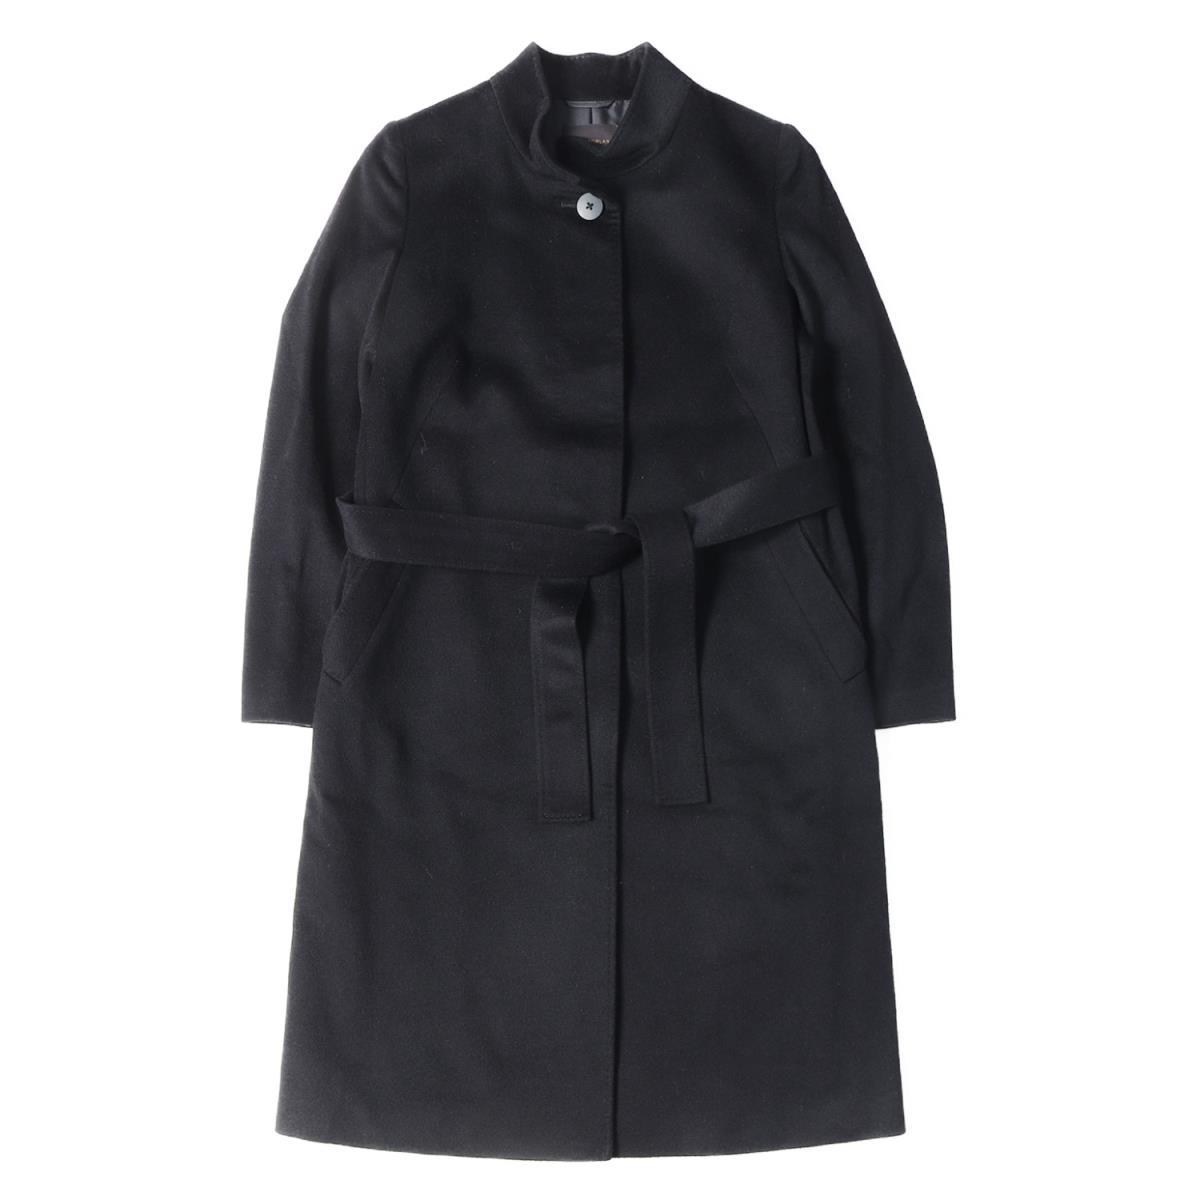 TOMORROWLAND collection トゥモローランドコレクション ピュアカシミヤ スタンドカラー ベルテッド コート ブラック 36(9号) 【レディース】【中古】【美品】【K2502】